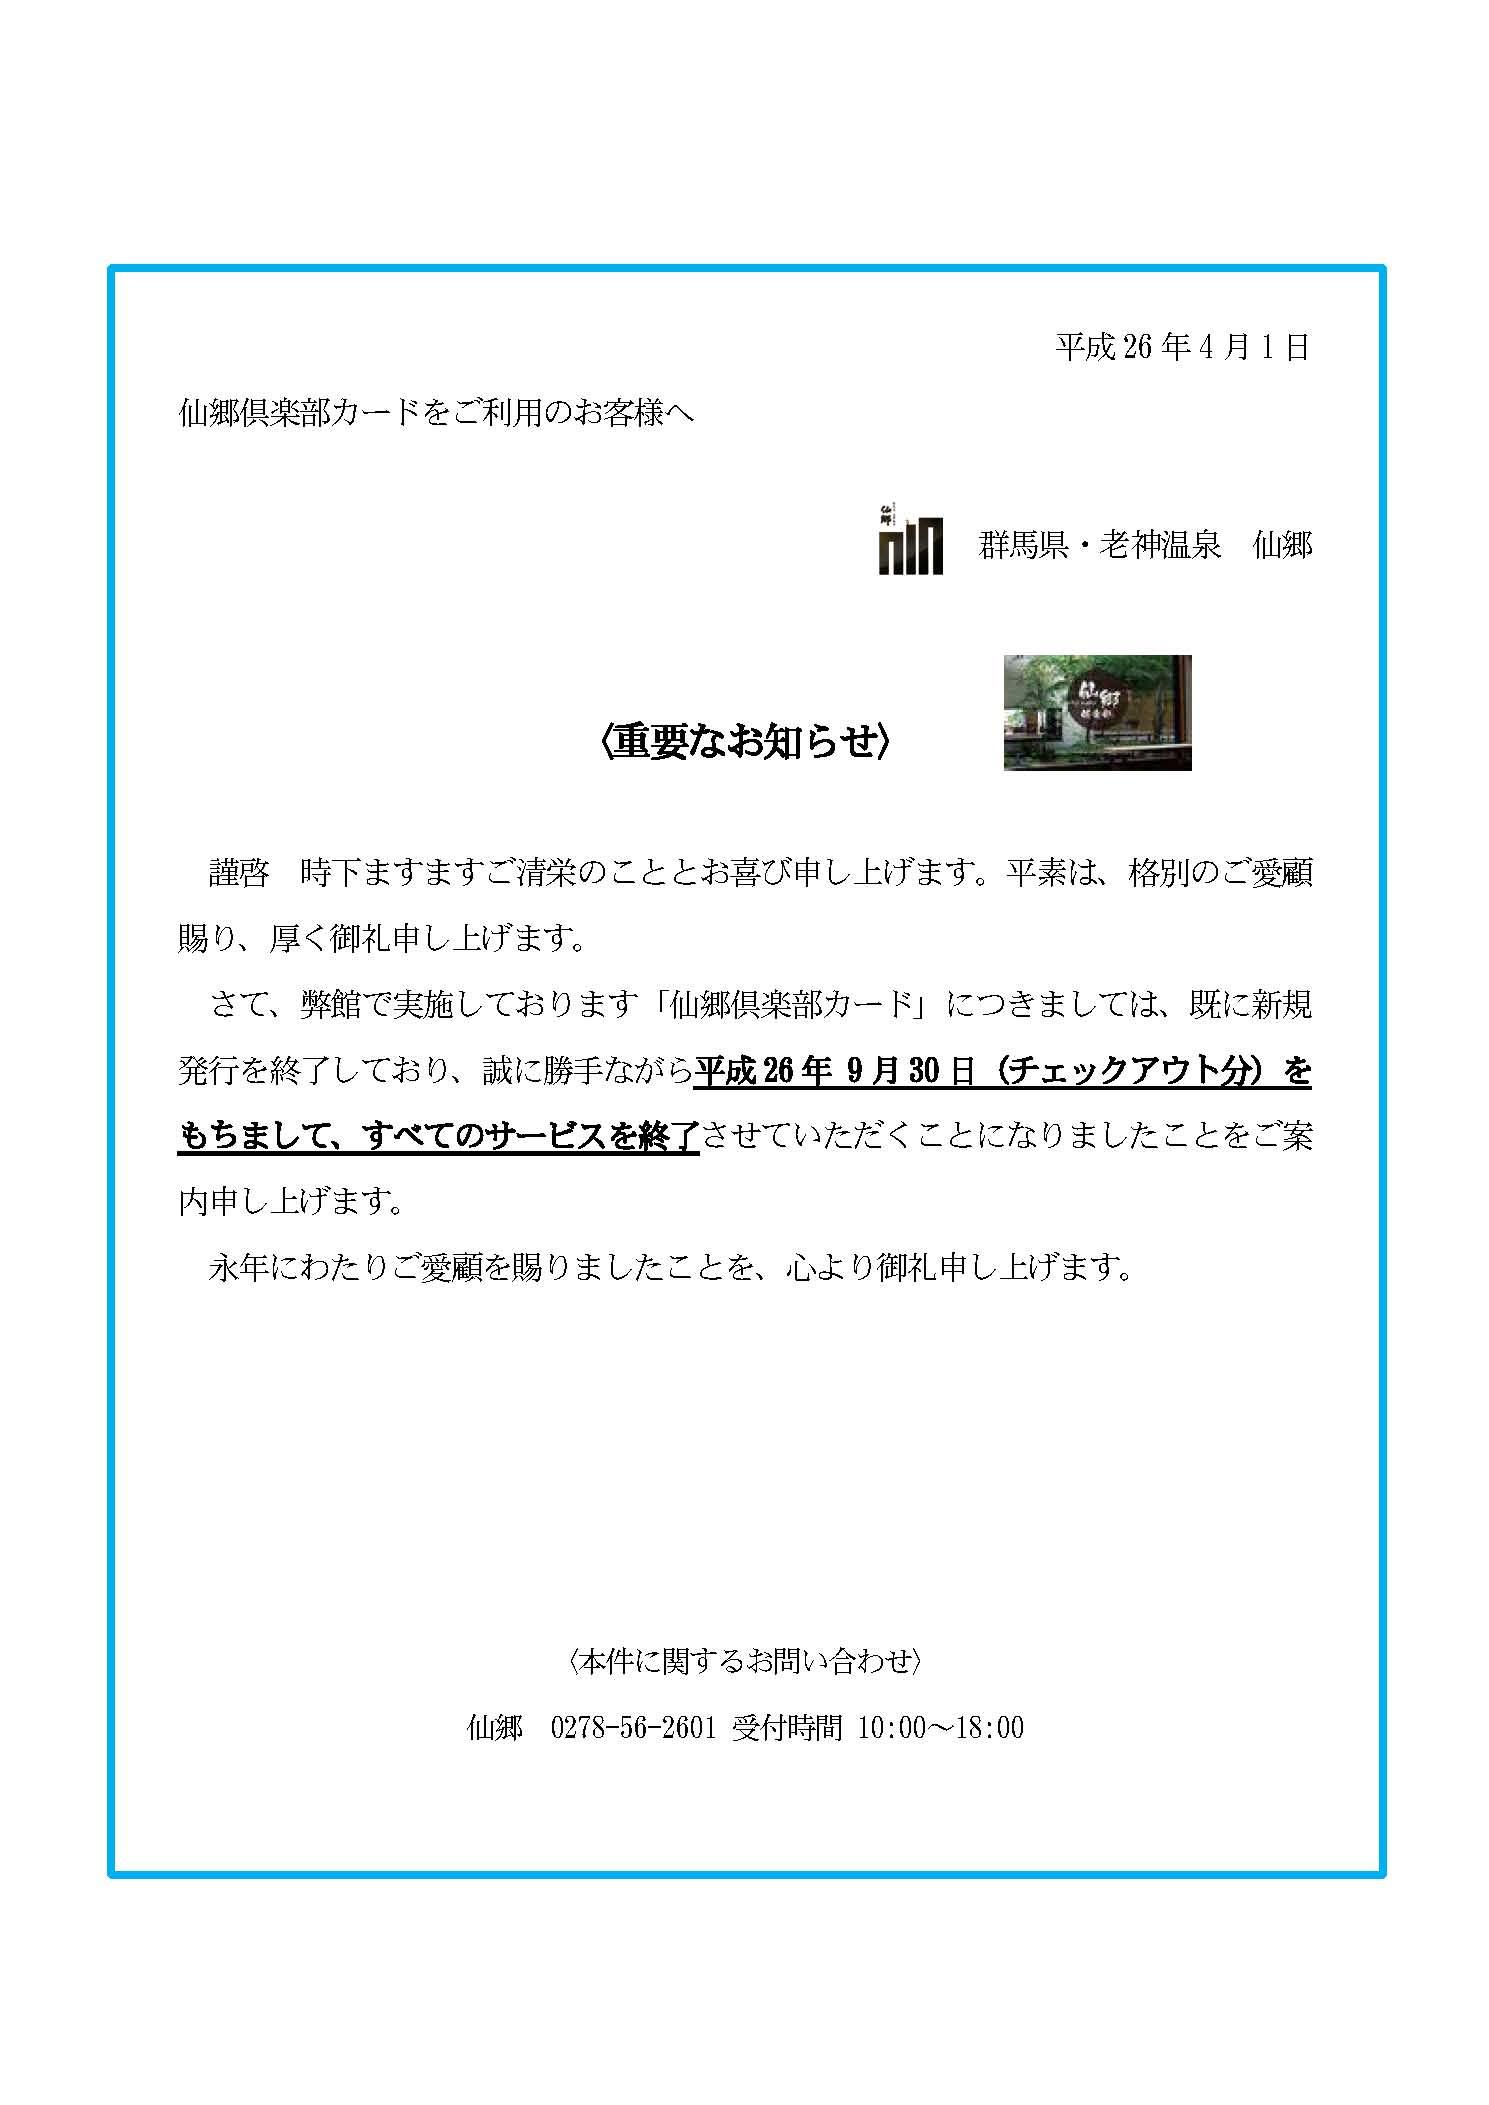 http://www.senkyou.jp/news/%E4%BC%9A%E5%93%A1%E3%82%AB%E3%83%BC%E3%83%89.jpg